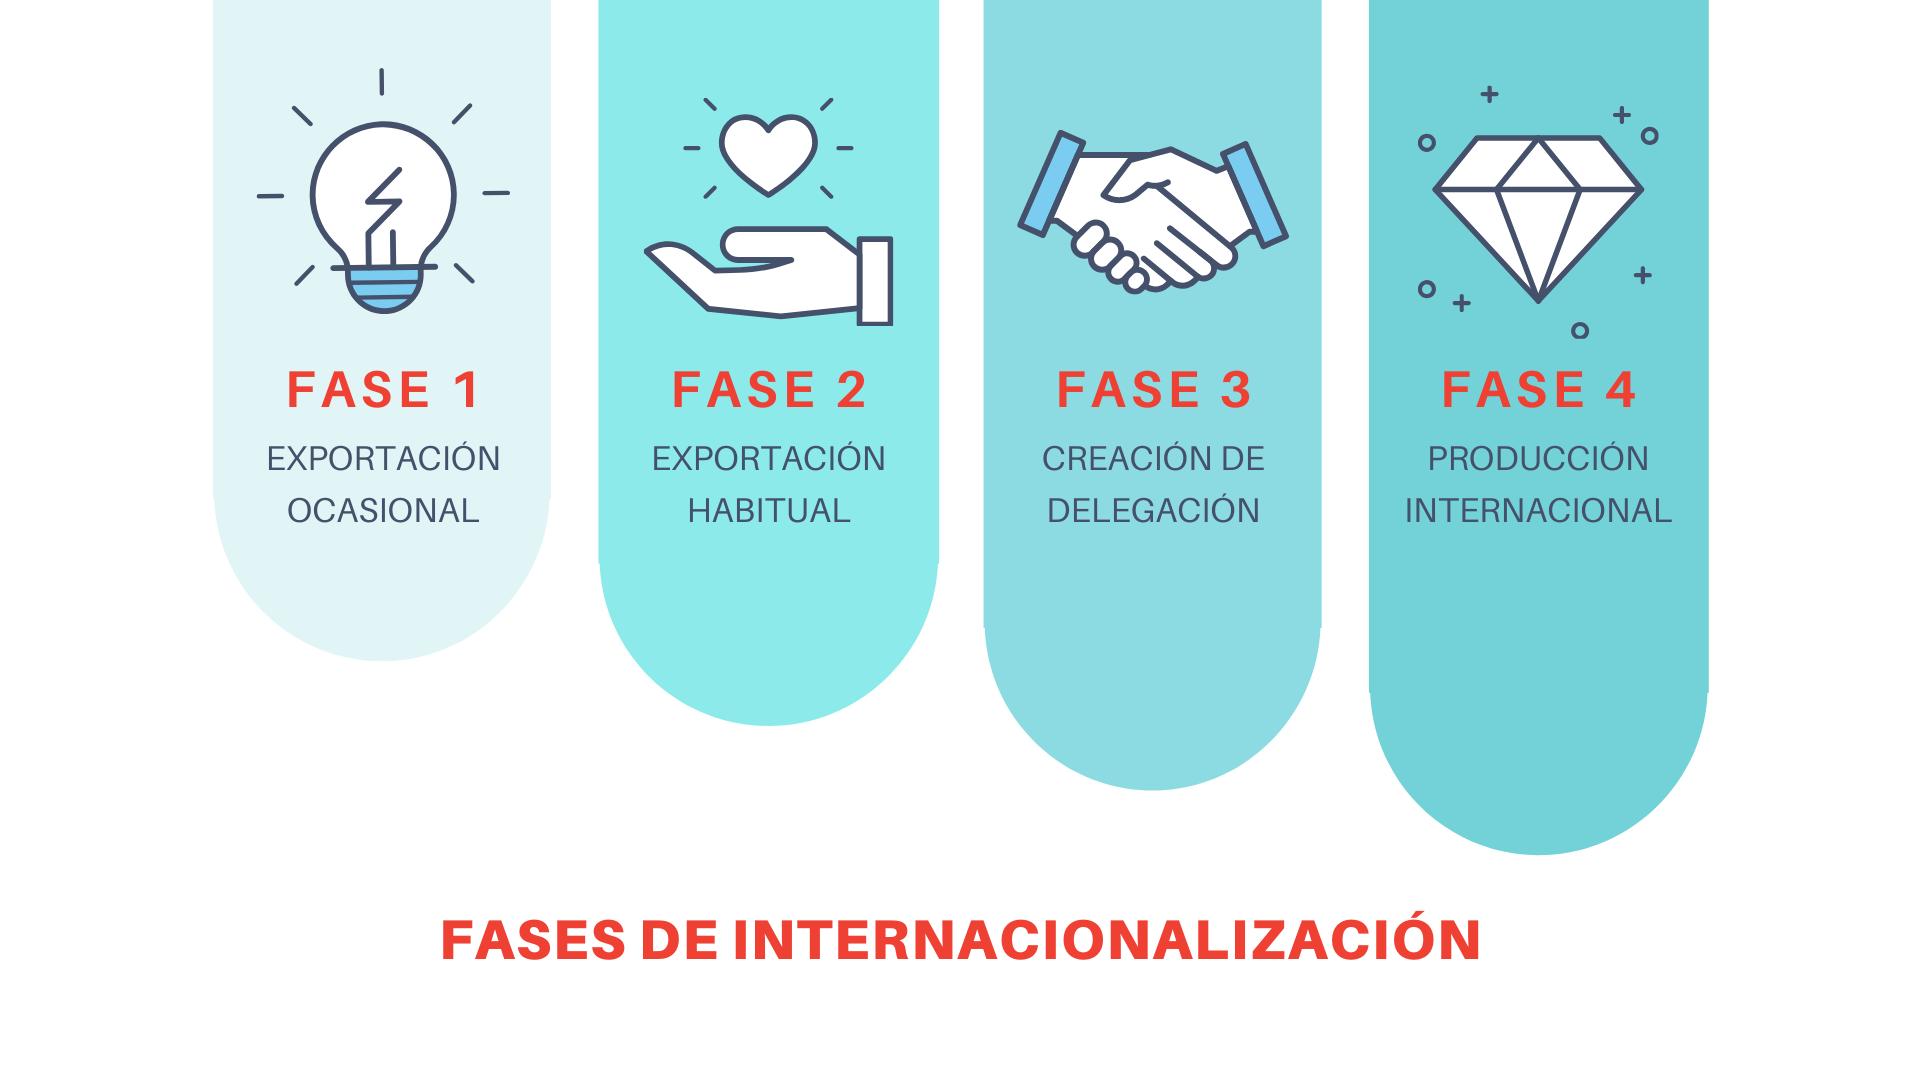 estrategia internacionalización